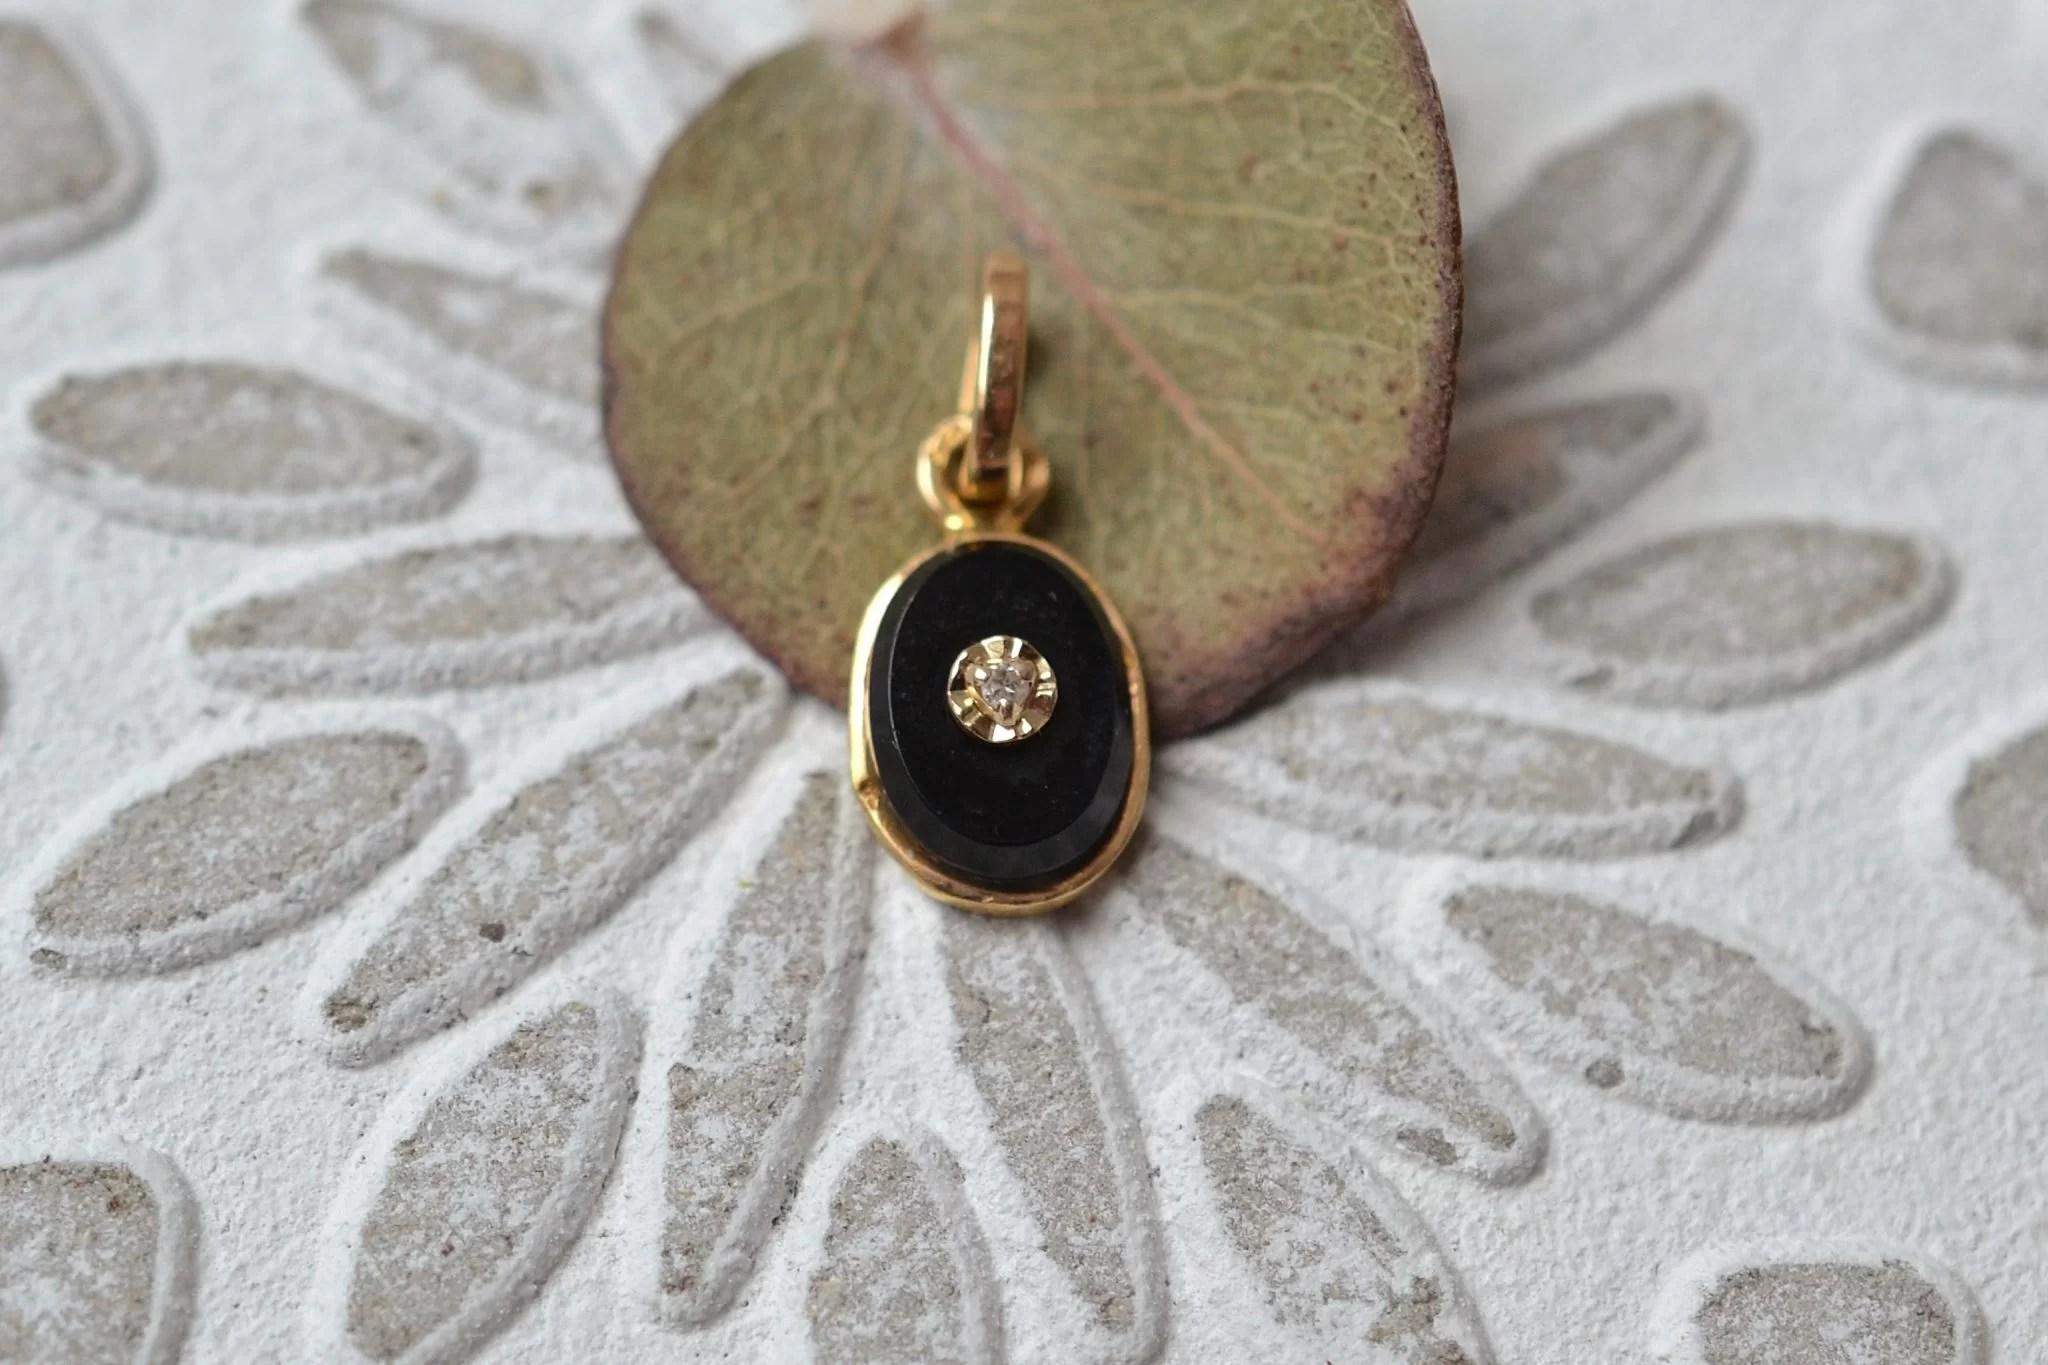 Pendentif en Or jaune rosé serti d_une plaque d_Onyx agrémentée d_un diamant - bijou de seconde main éthique